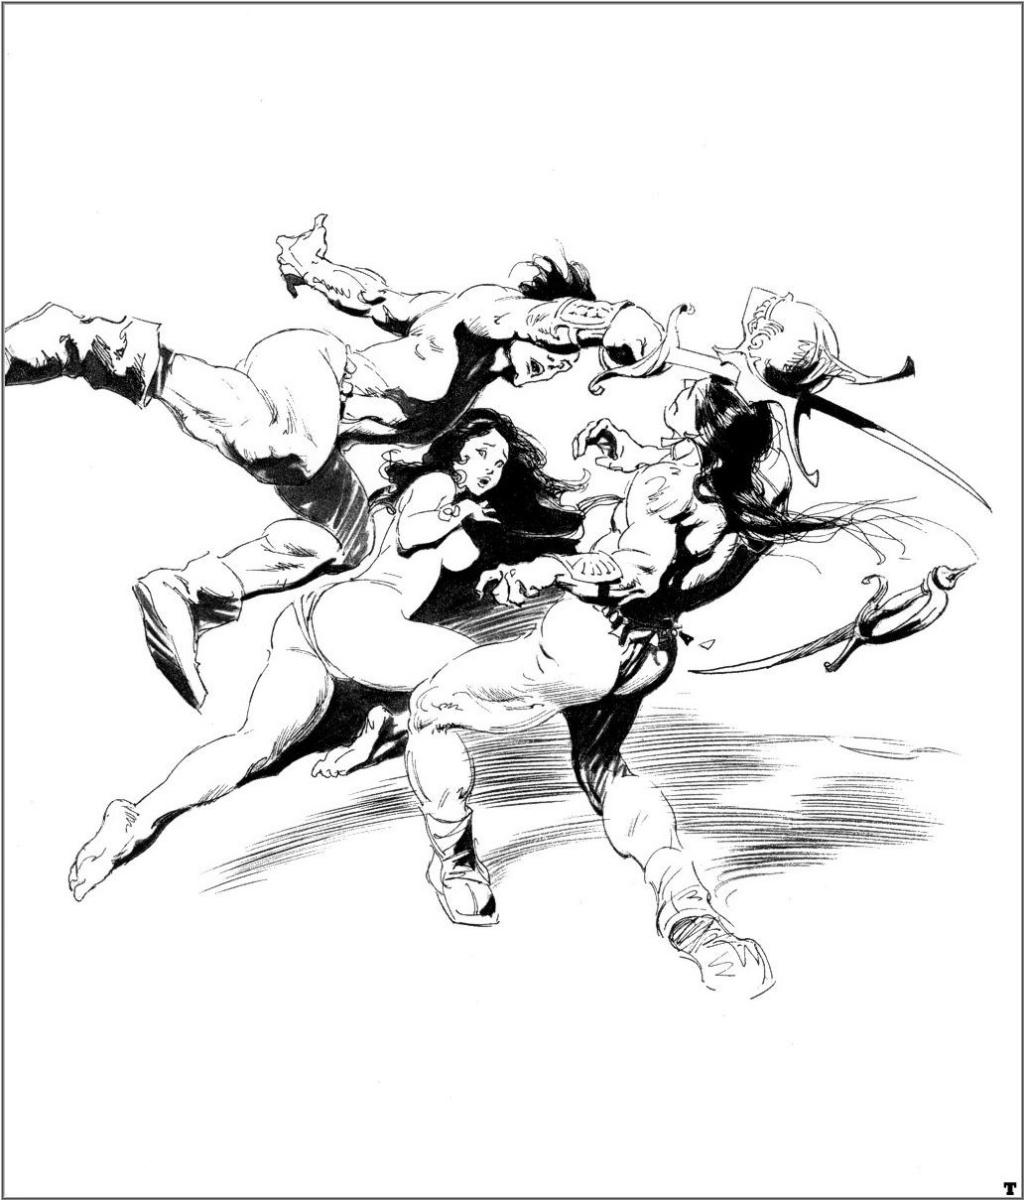 комиксы эротические черно белые № 2820 бесплатно